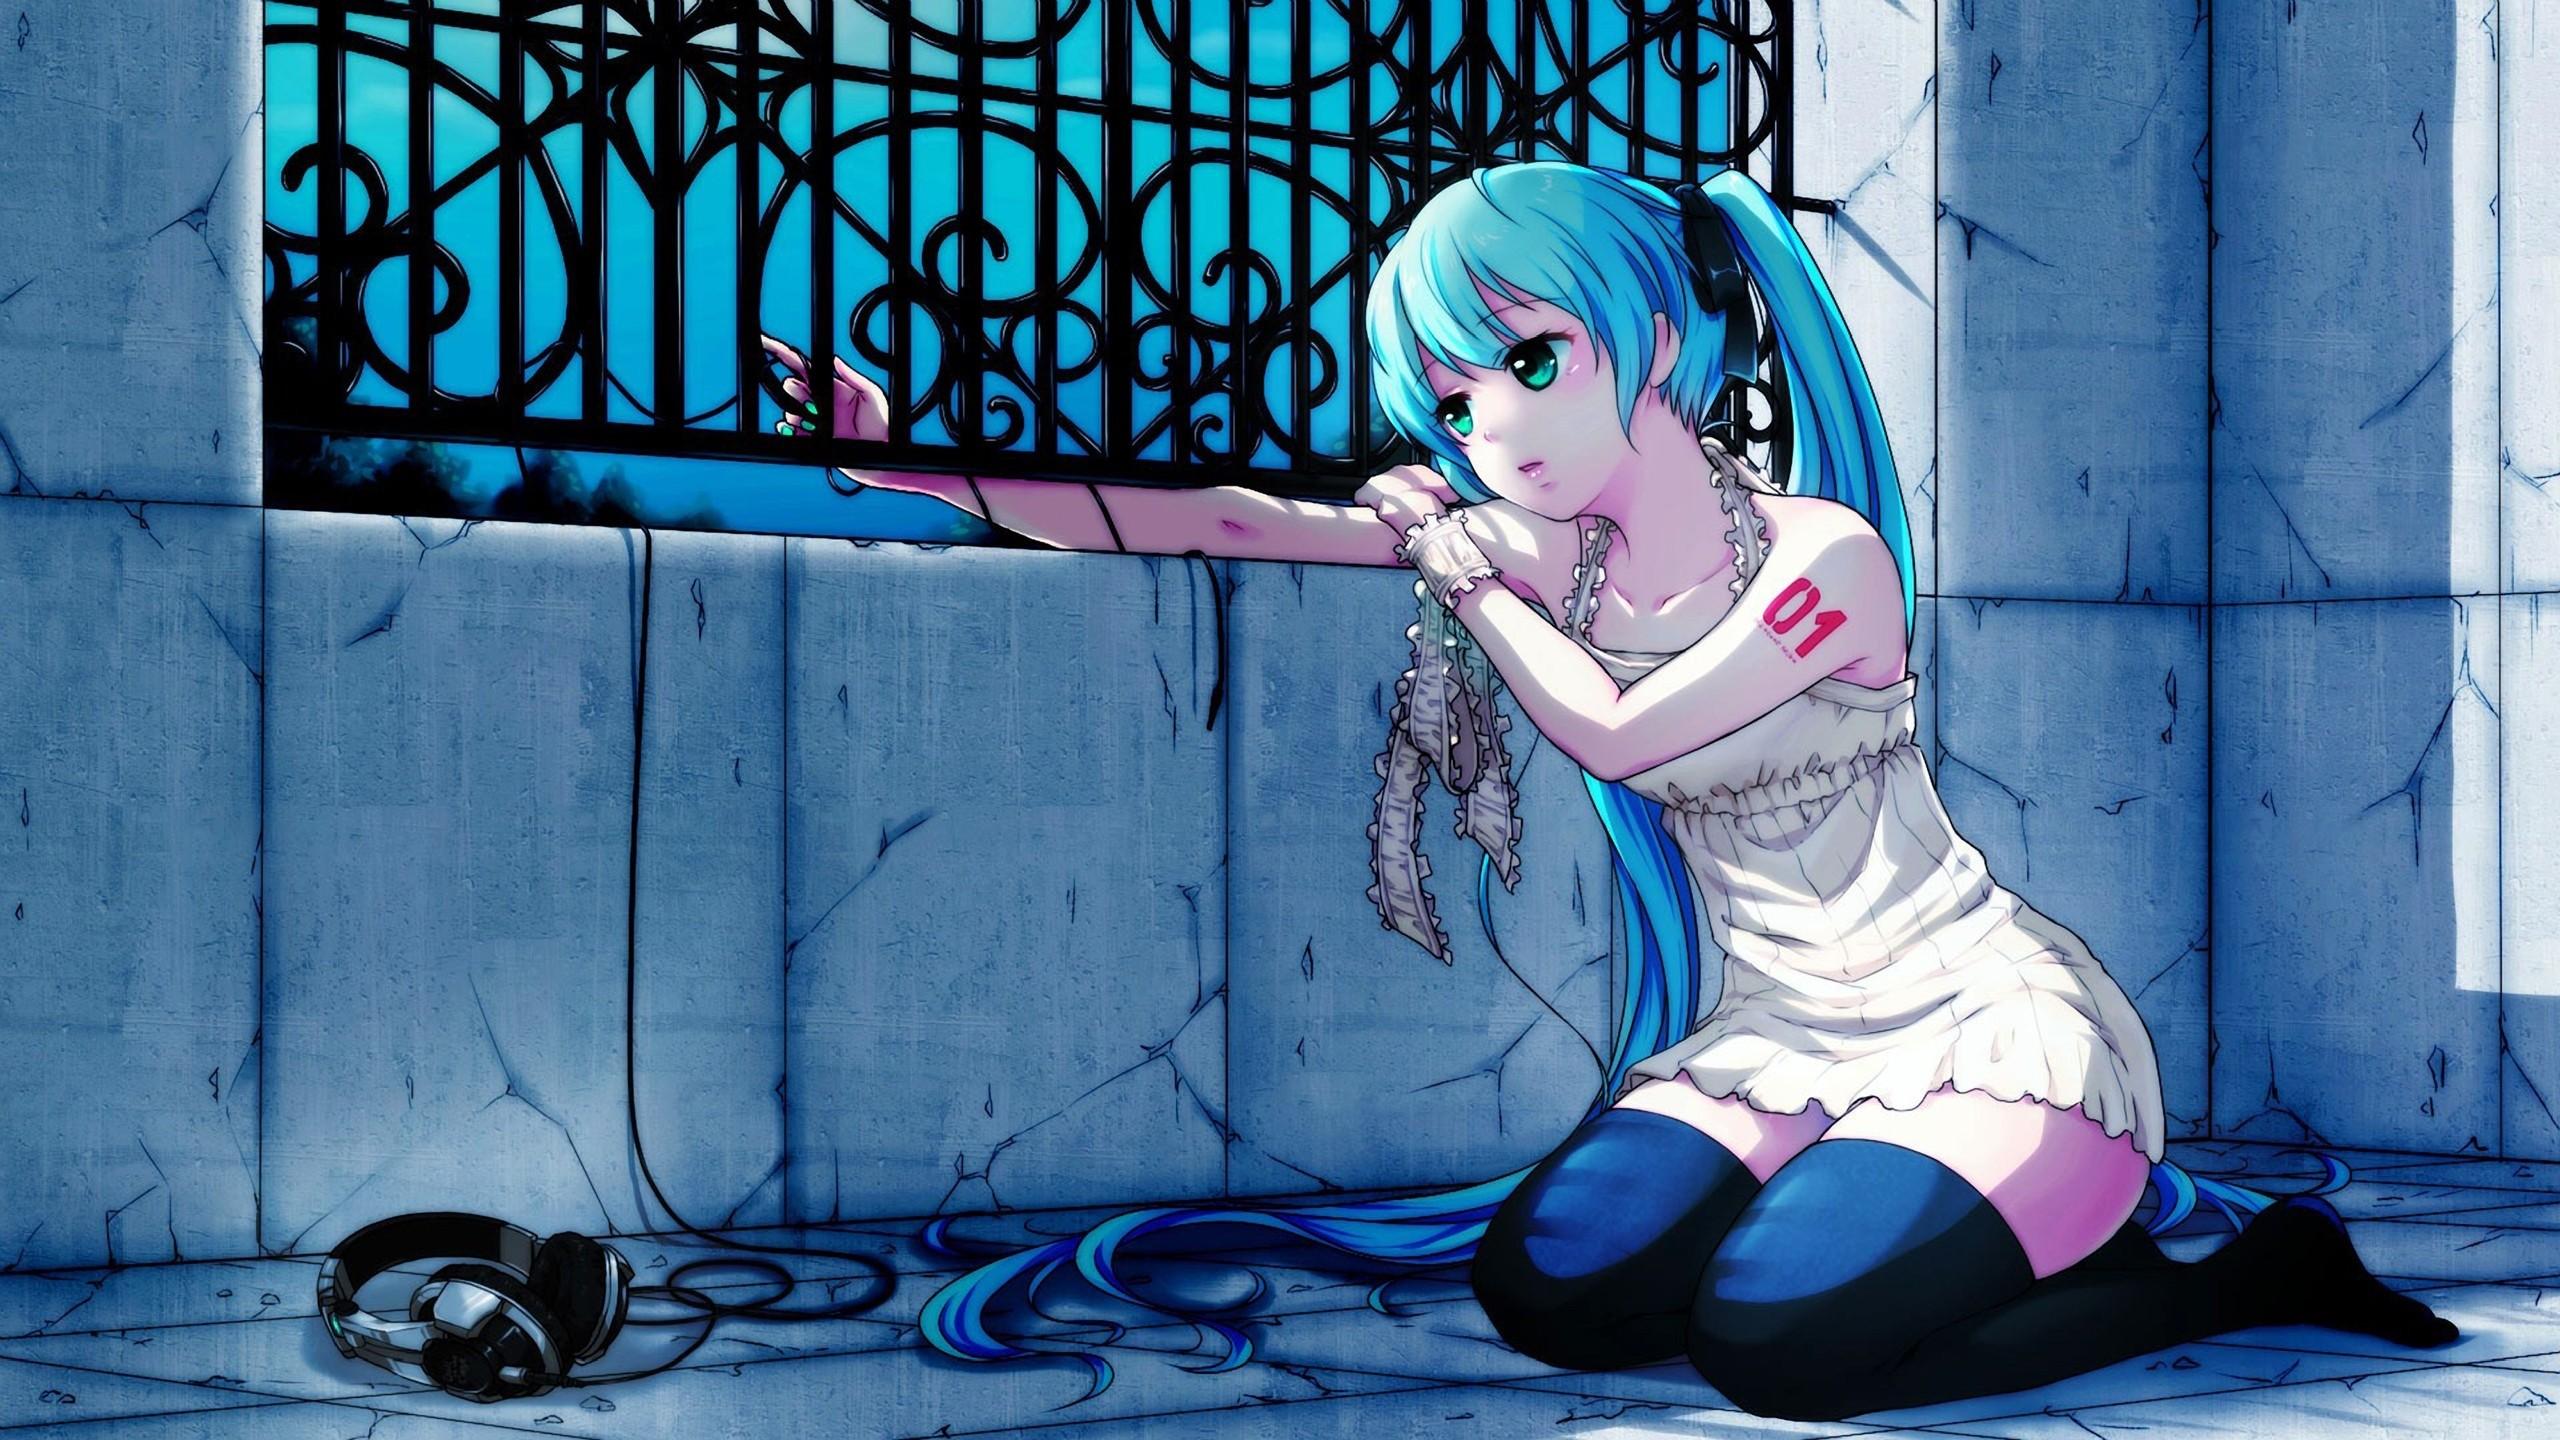 Wallpaper anime, girl, hair, headphones, sadness, fence